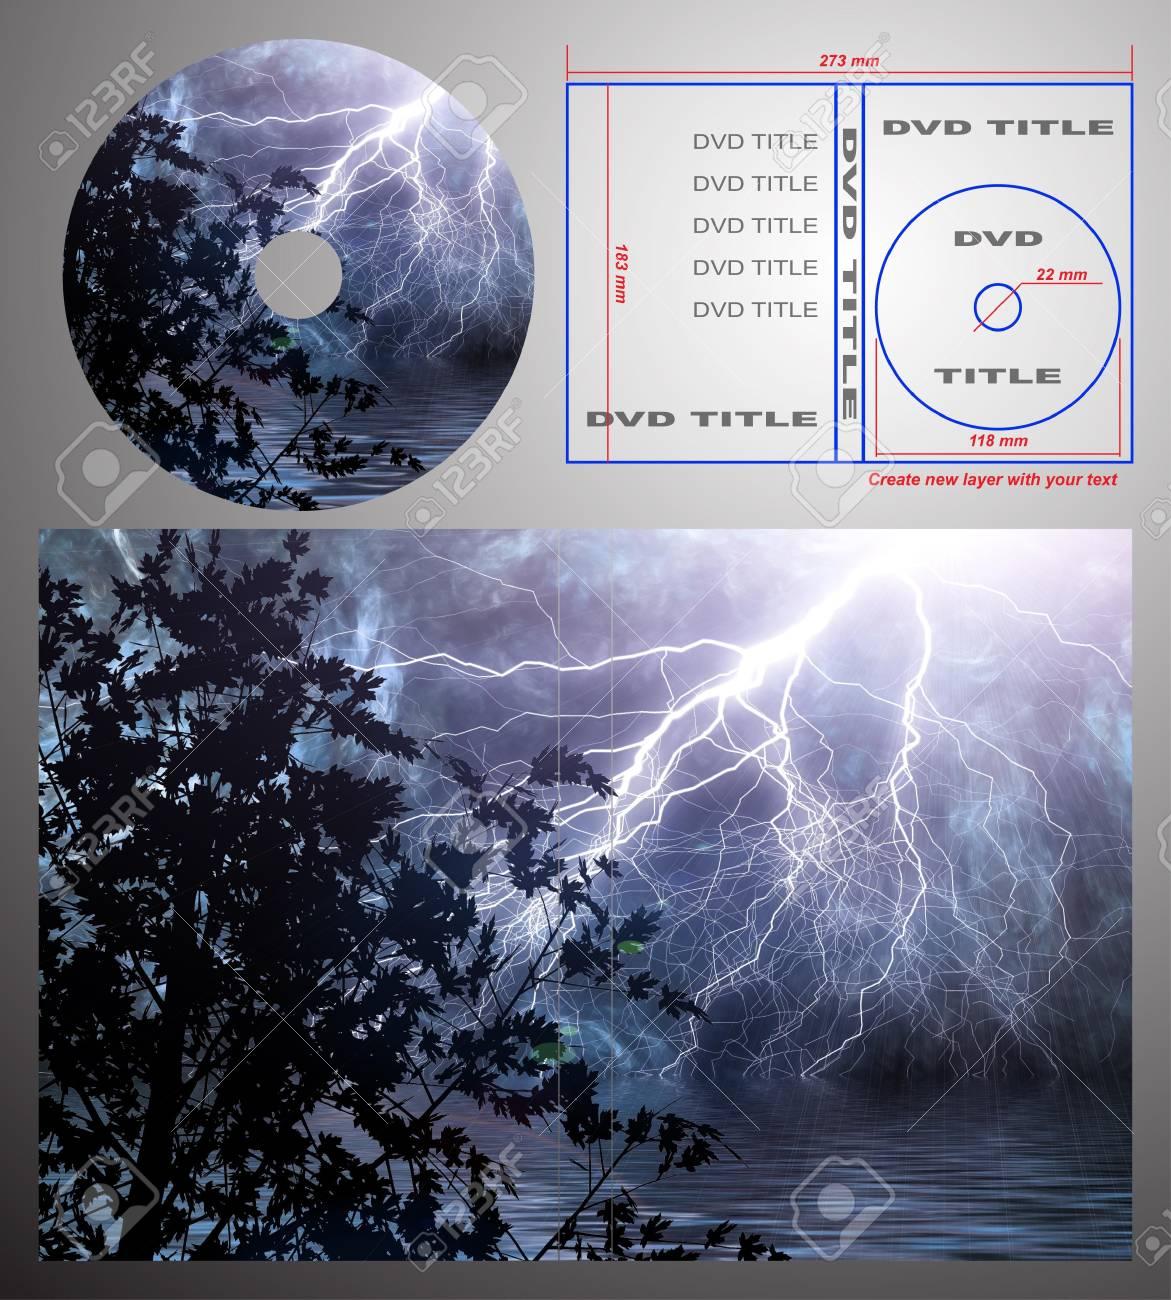 Plantilla De Diseño Abstracto Para Etiqueta De Dvd Y La Tapa De La ...